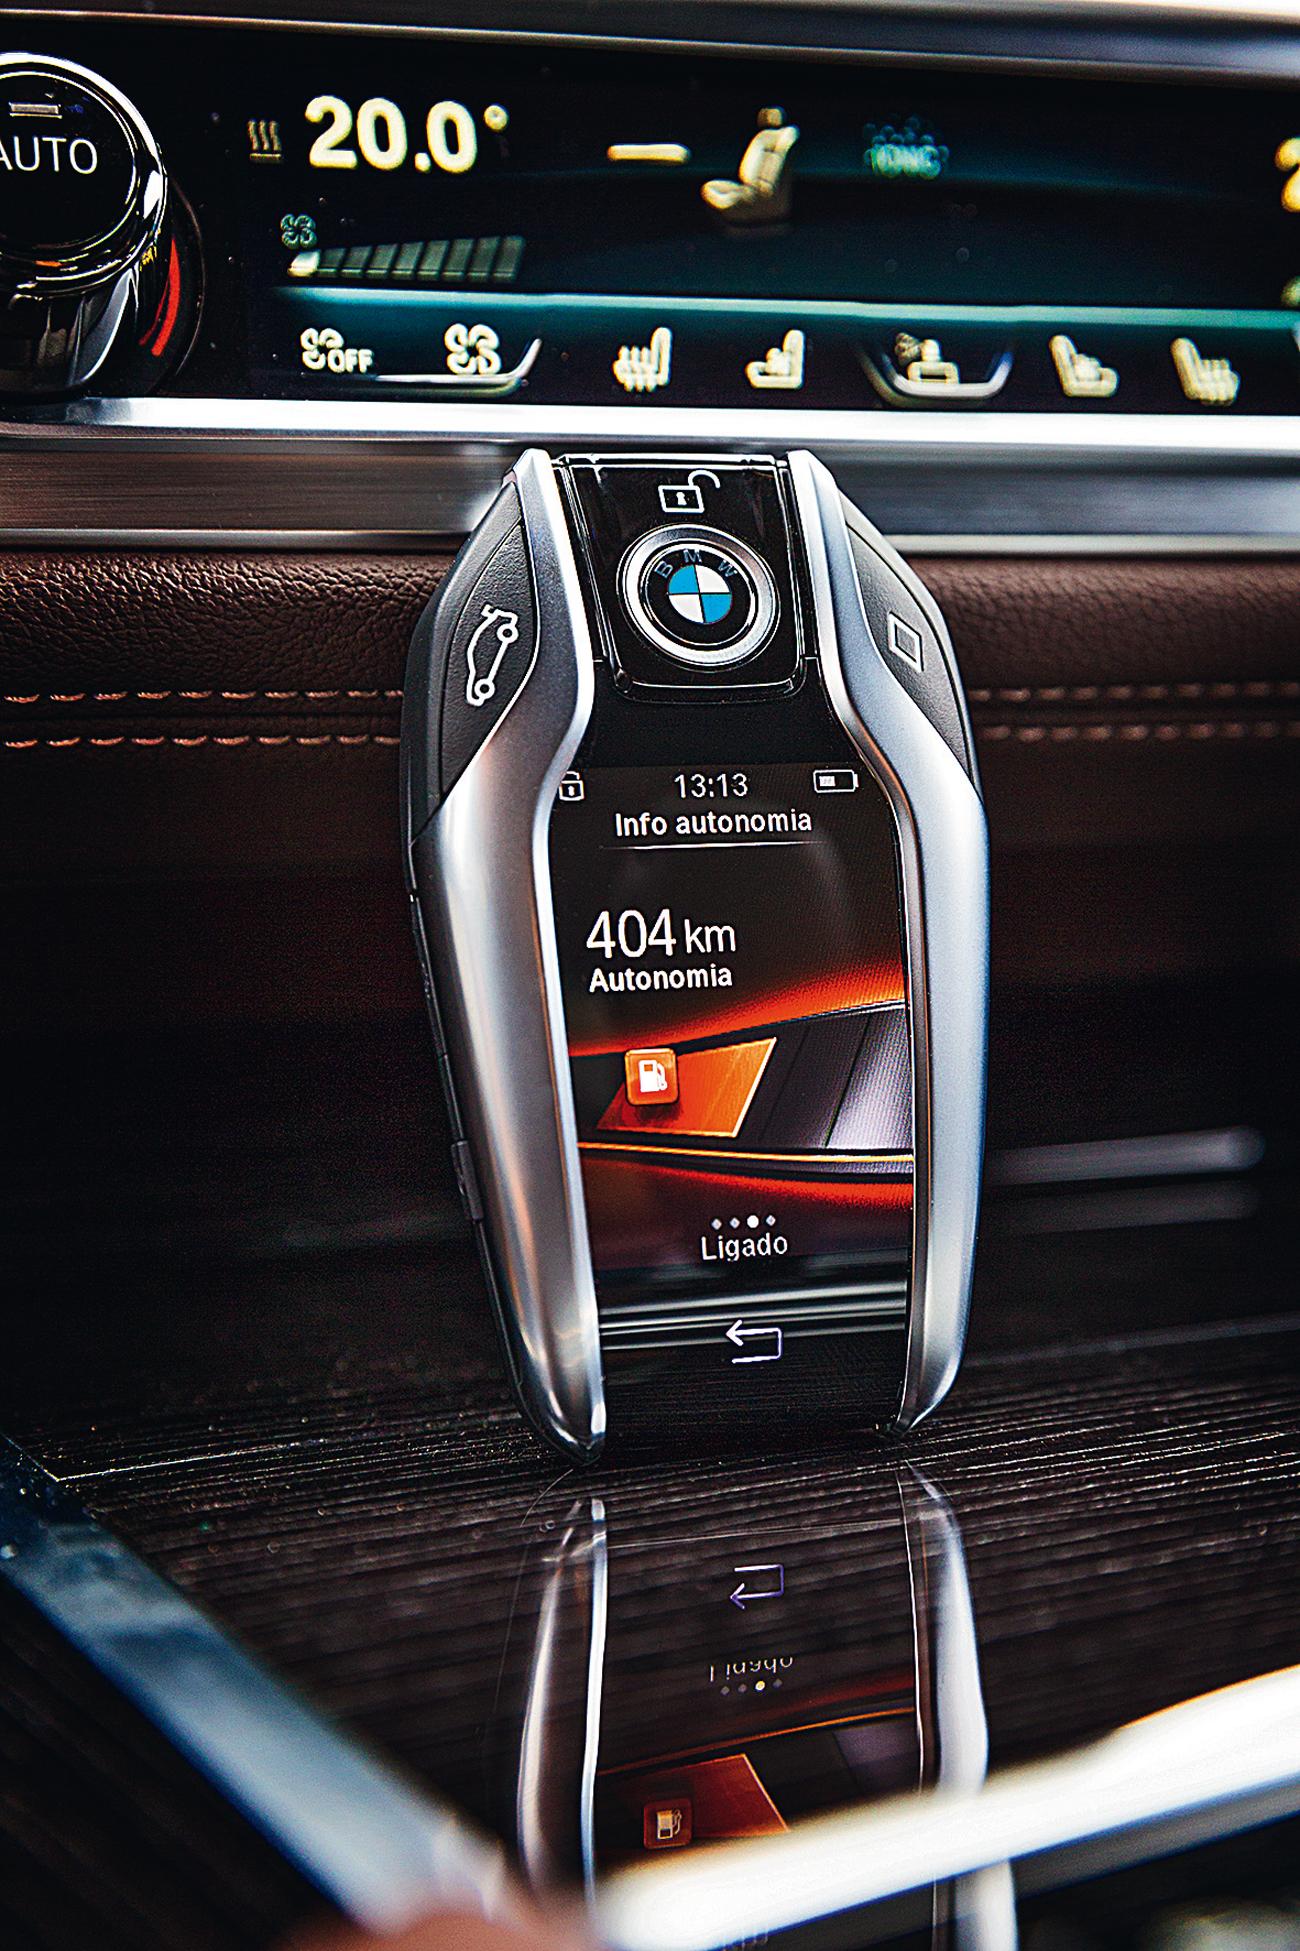 A chave tem tela LCD que informa a autonomia, localização, agenda de serviços, entre outros